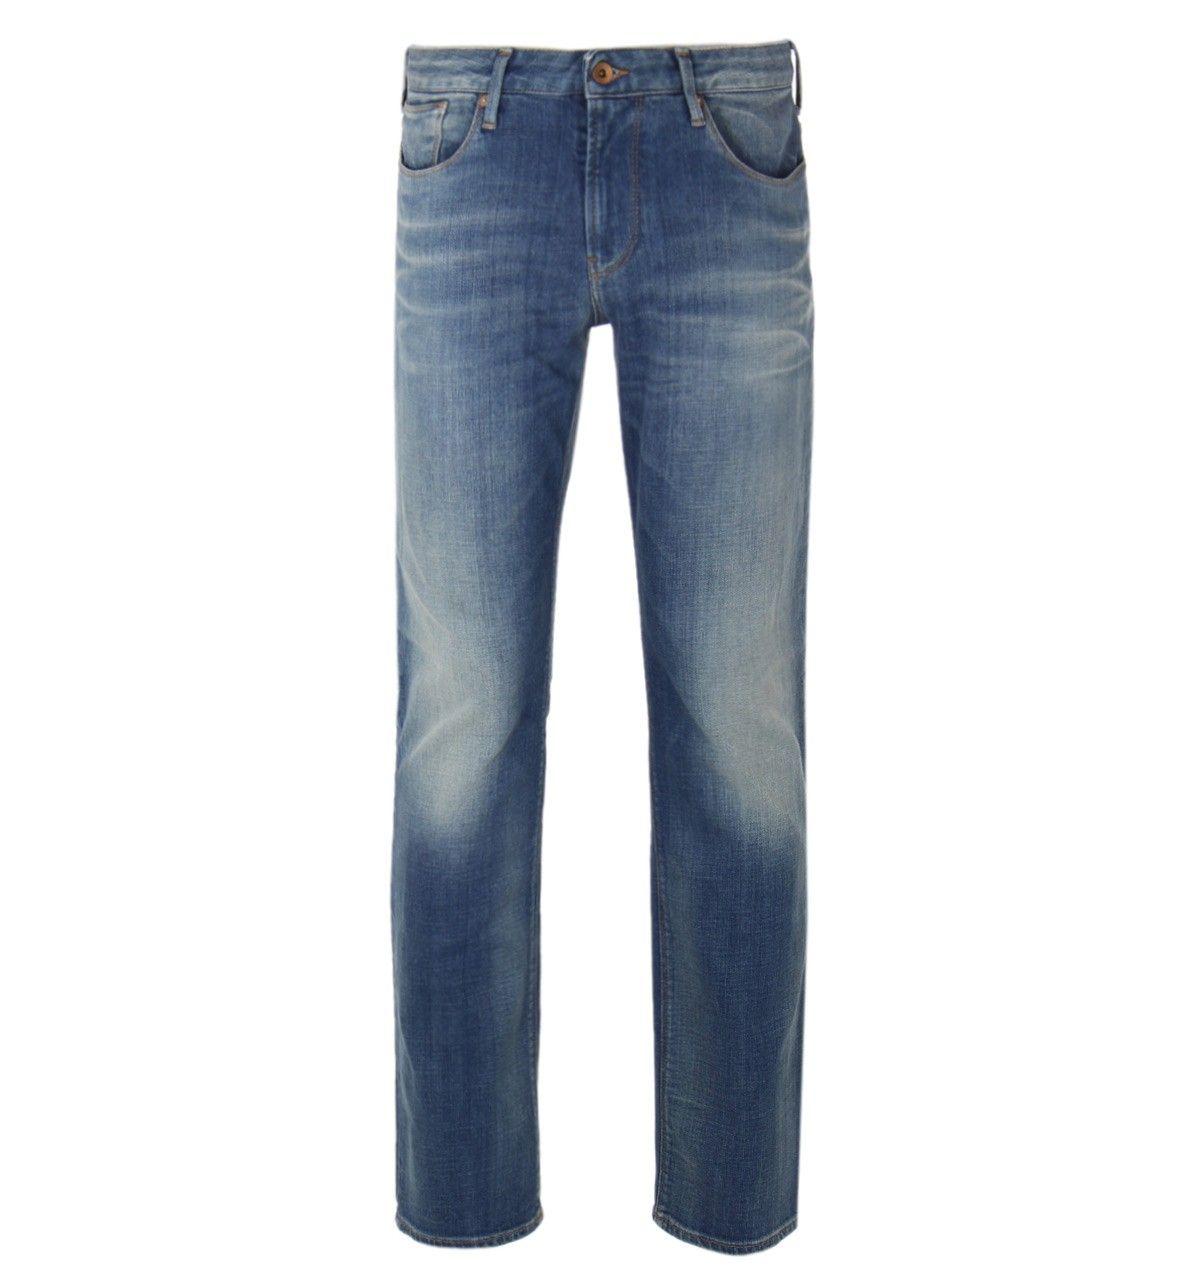 8db31bc8 Armani Jeans J06 Faded Light Blue Slim Fit Denim Jeans ...